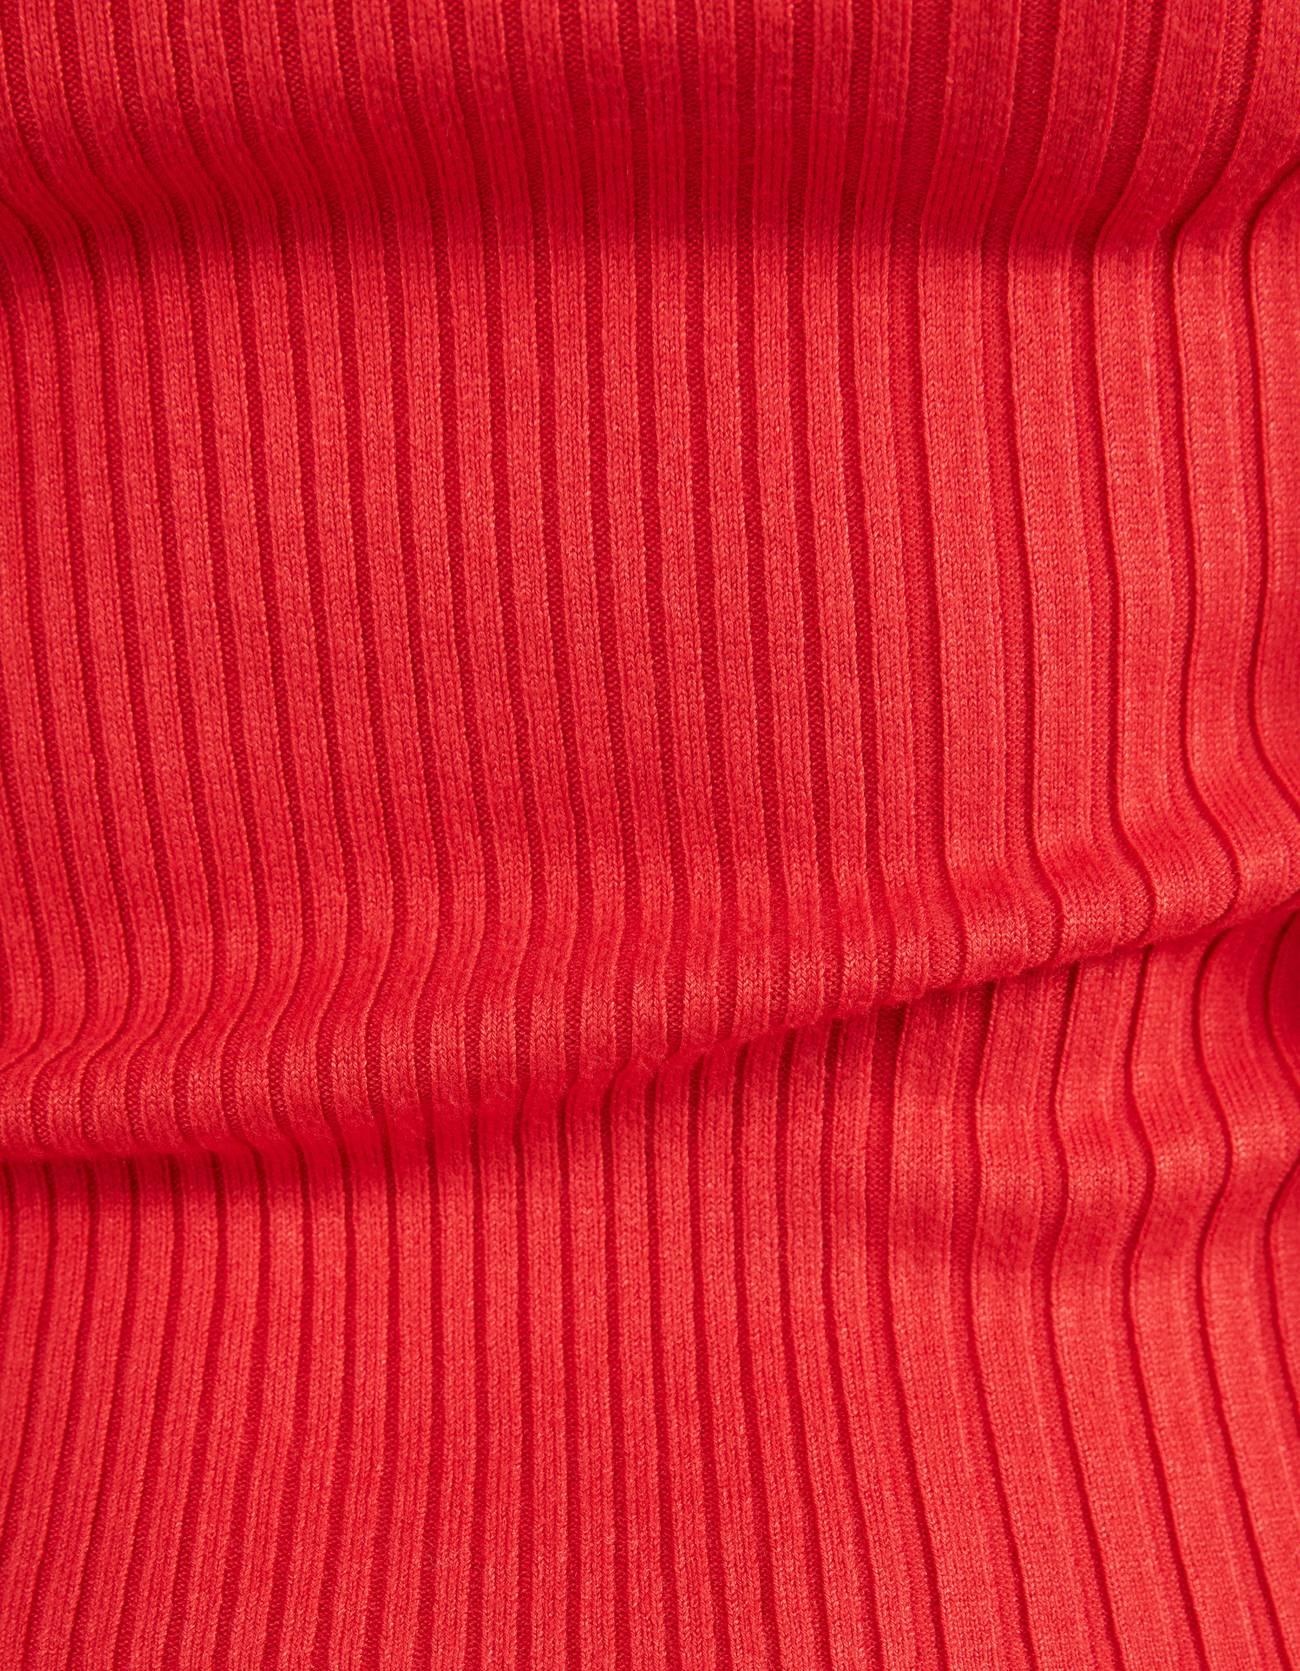 Свитер из трикотажа в рубчик Красный Bershka